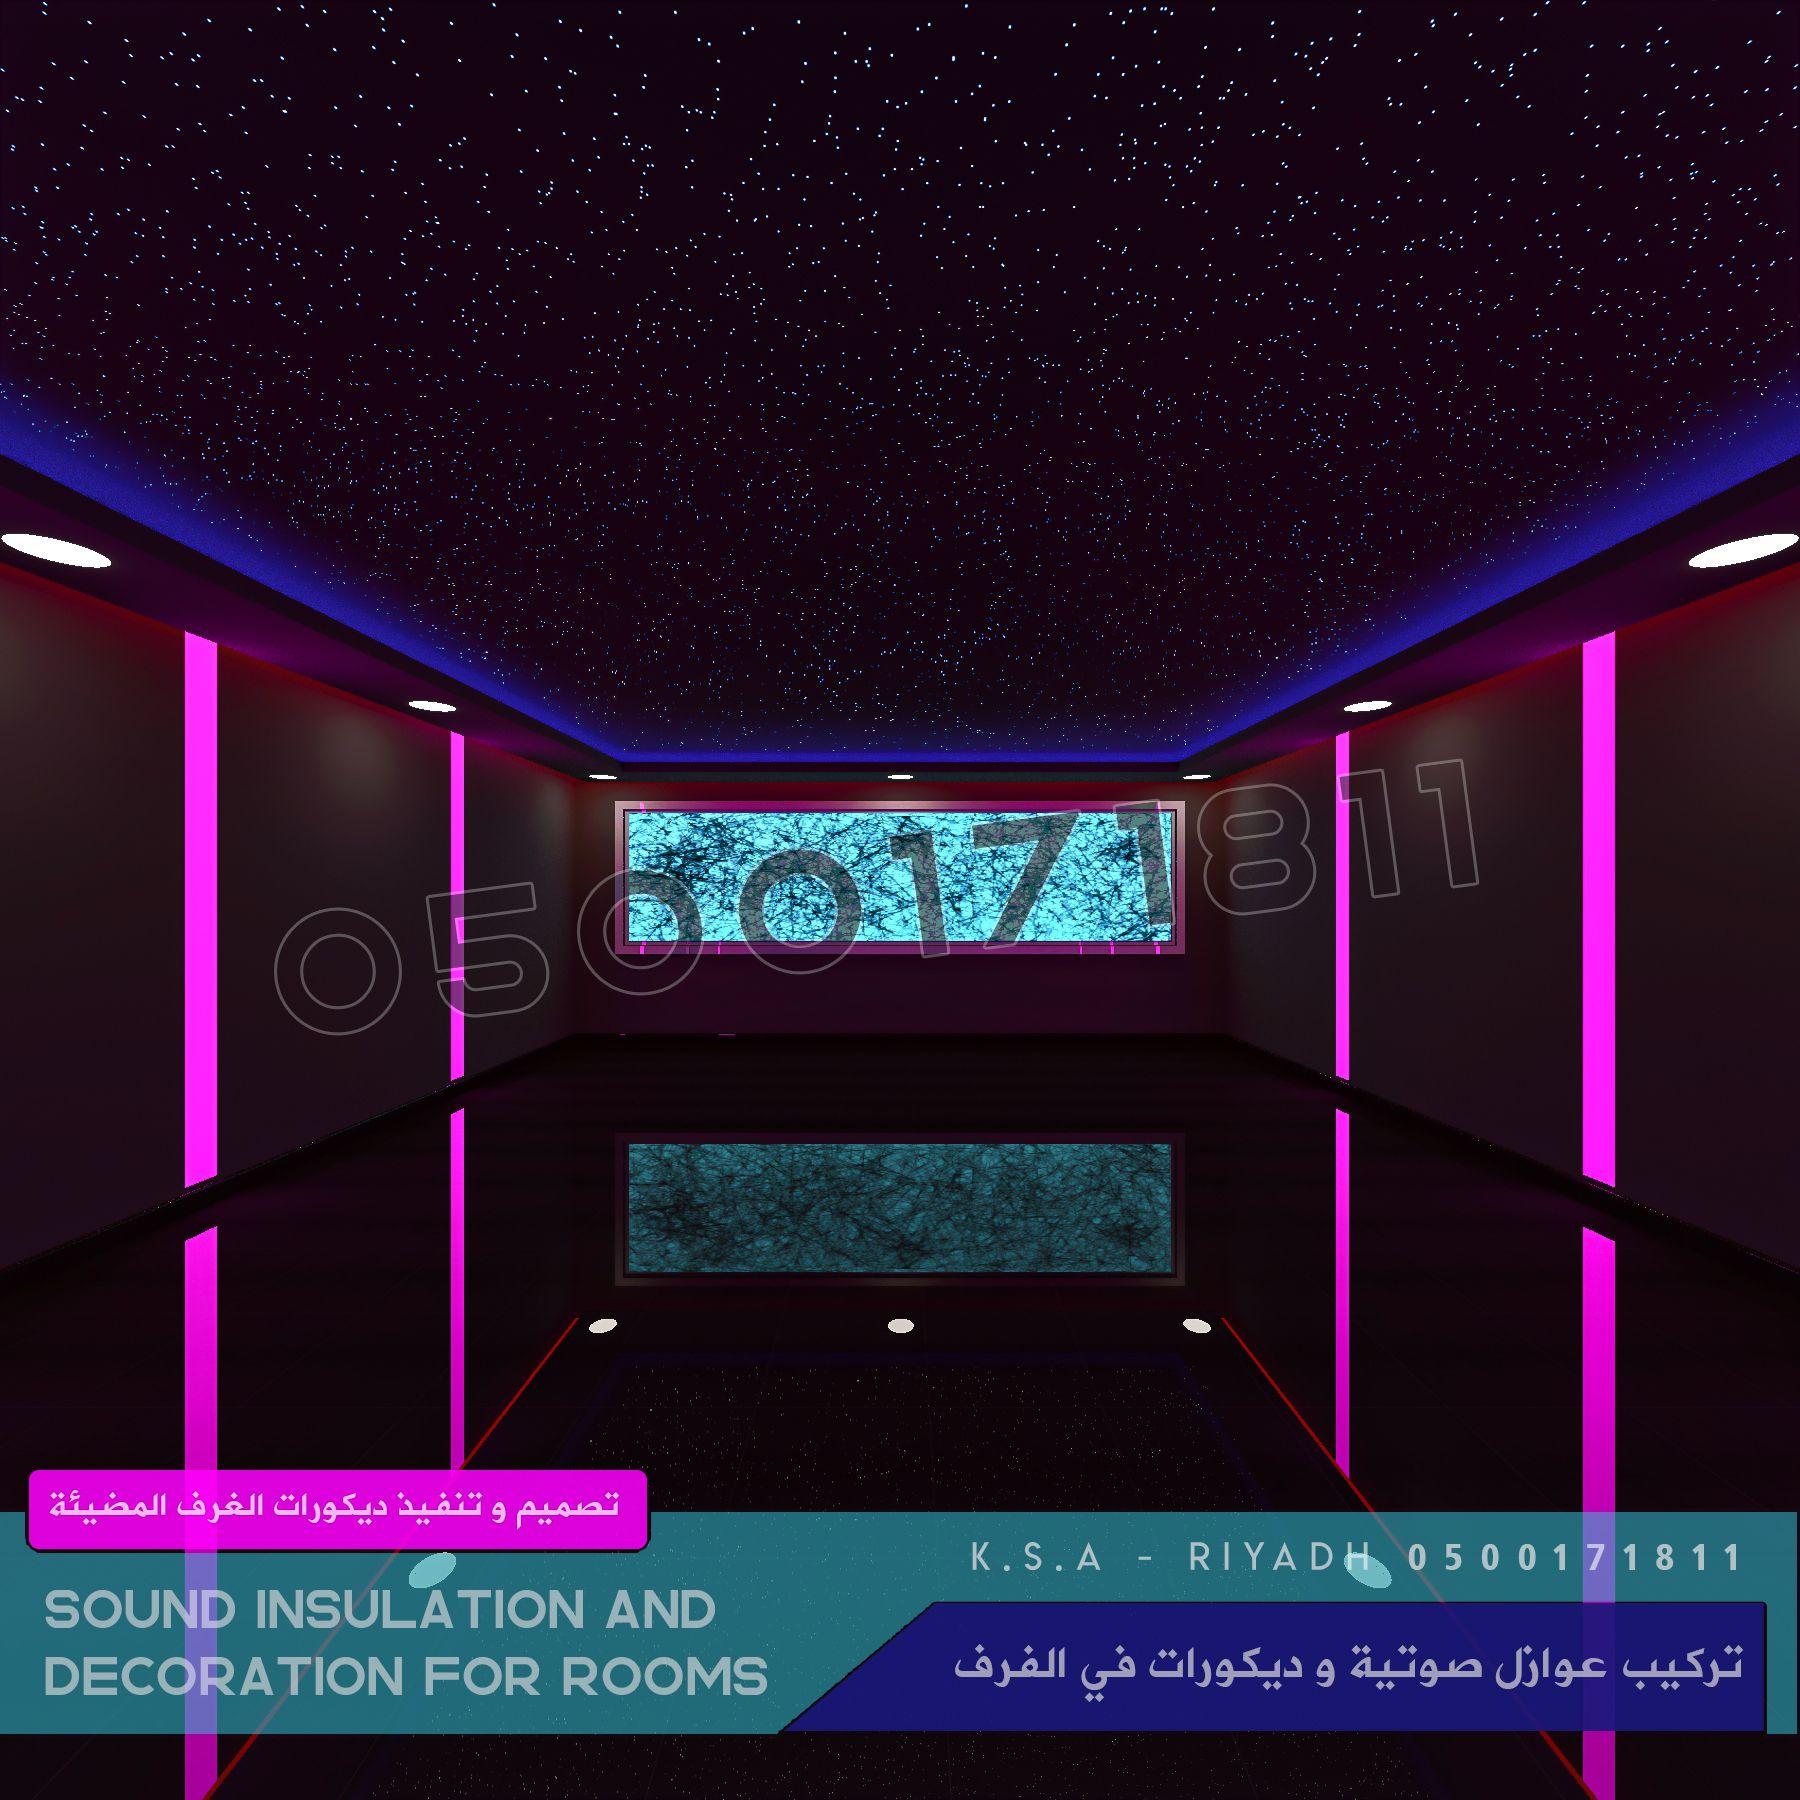 عازل صوت و ديكورات الرياض Room Decor Decor Room